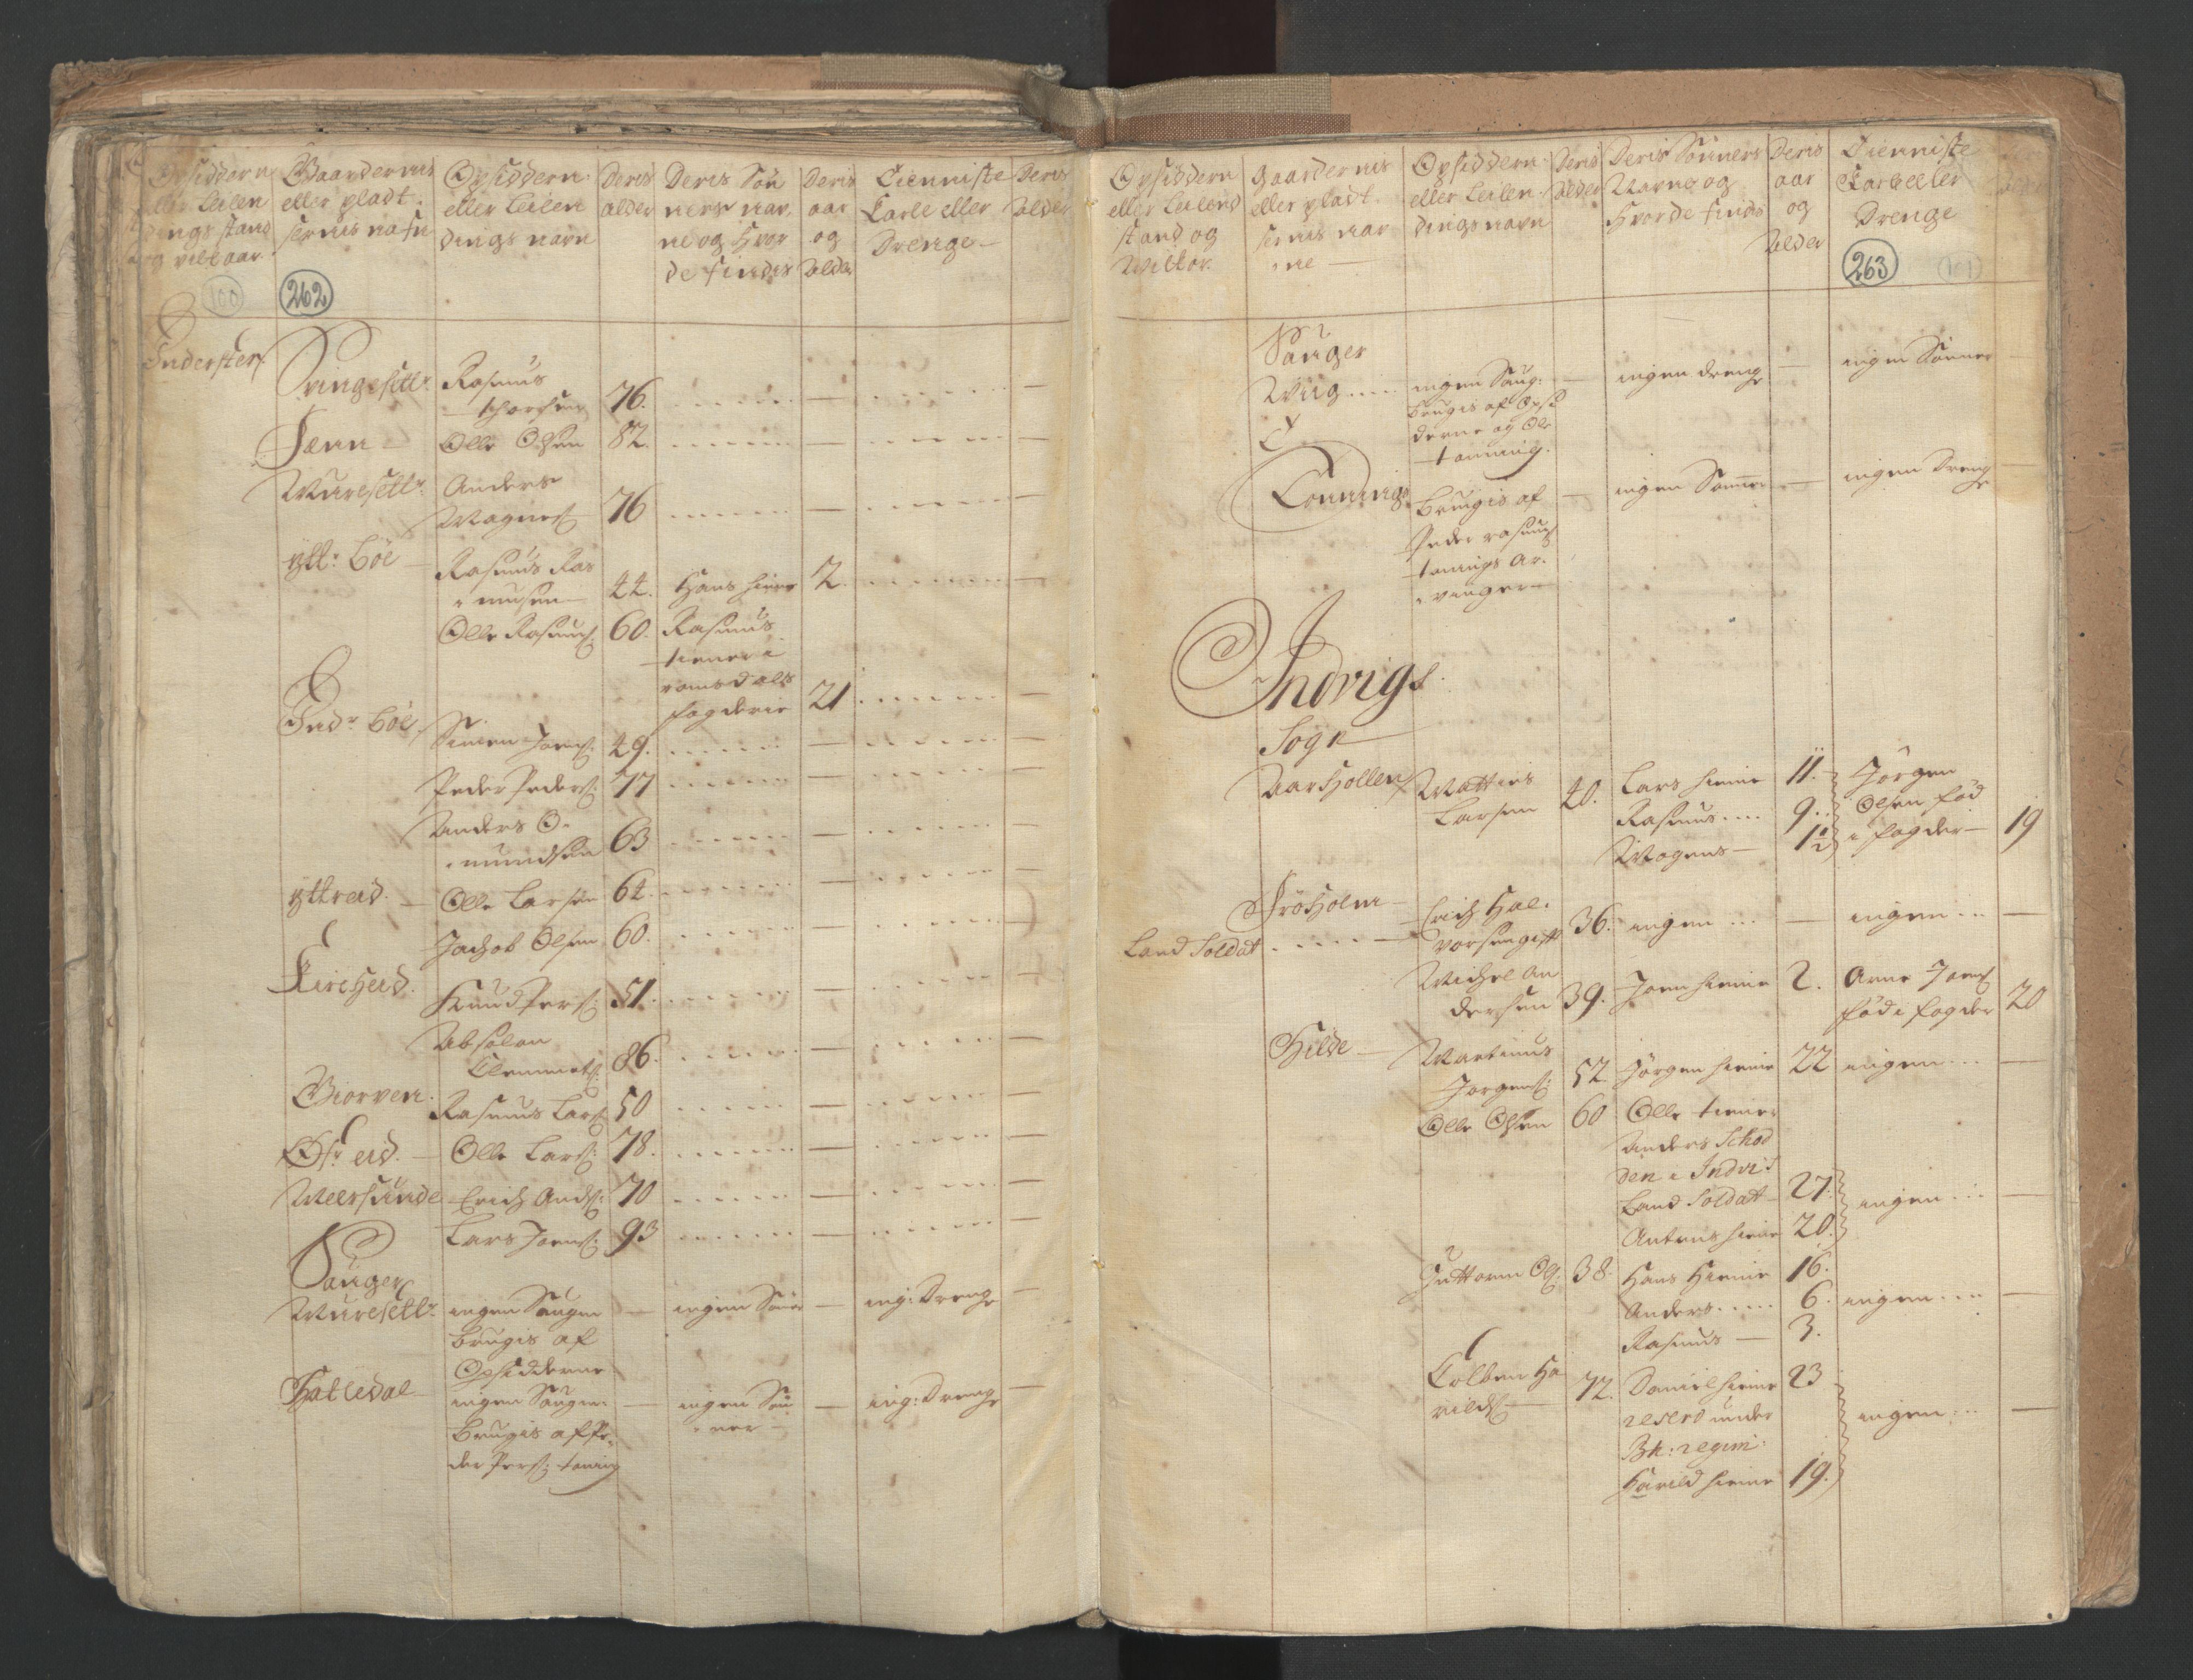 RA, Manntallet 1701, nr. 9: Sunnfjord fogderi, Nordfjord fogderi og Svanø birk, 1701, s. 262-263